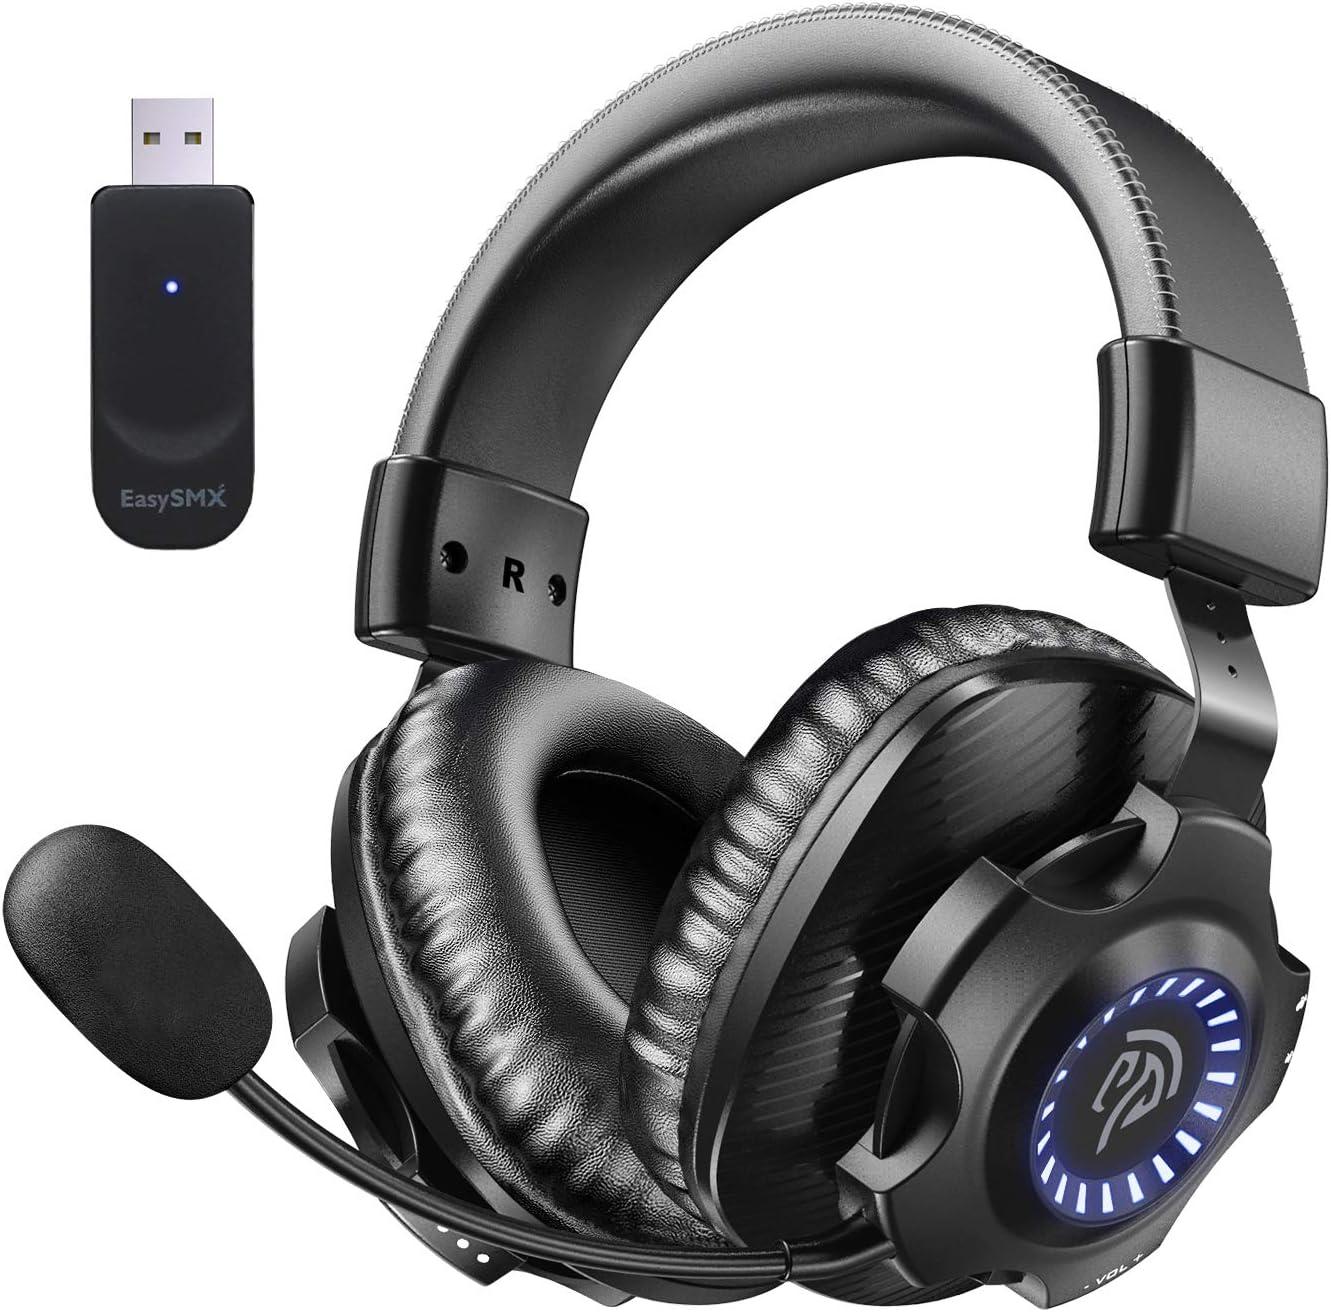 REDSTORM Auriculares Inalámbricos, 2.4G Auriculares para Juegos Estéreo Inalámbricos, con Micrófono y Control de Volumen, Adecuados para PC, Mac, PS4, Iluminación Degradada RGB